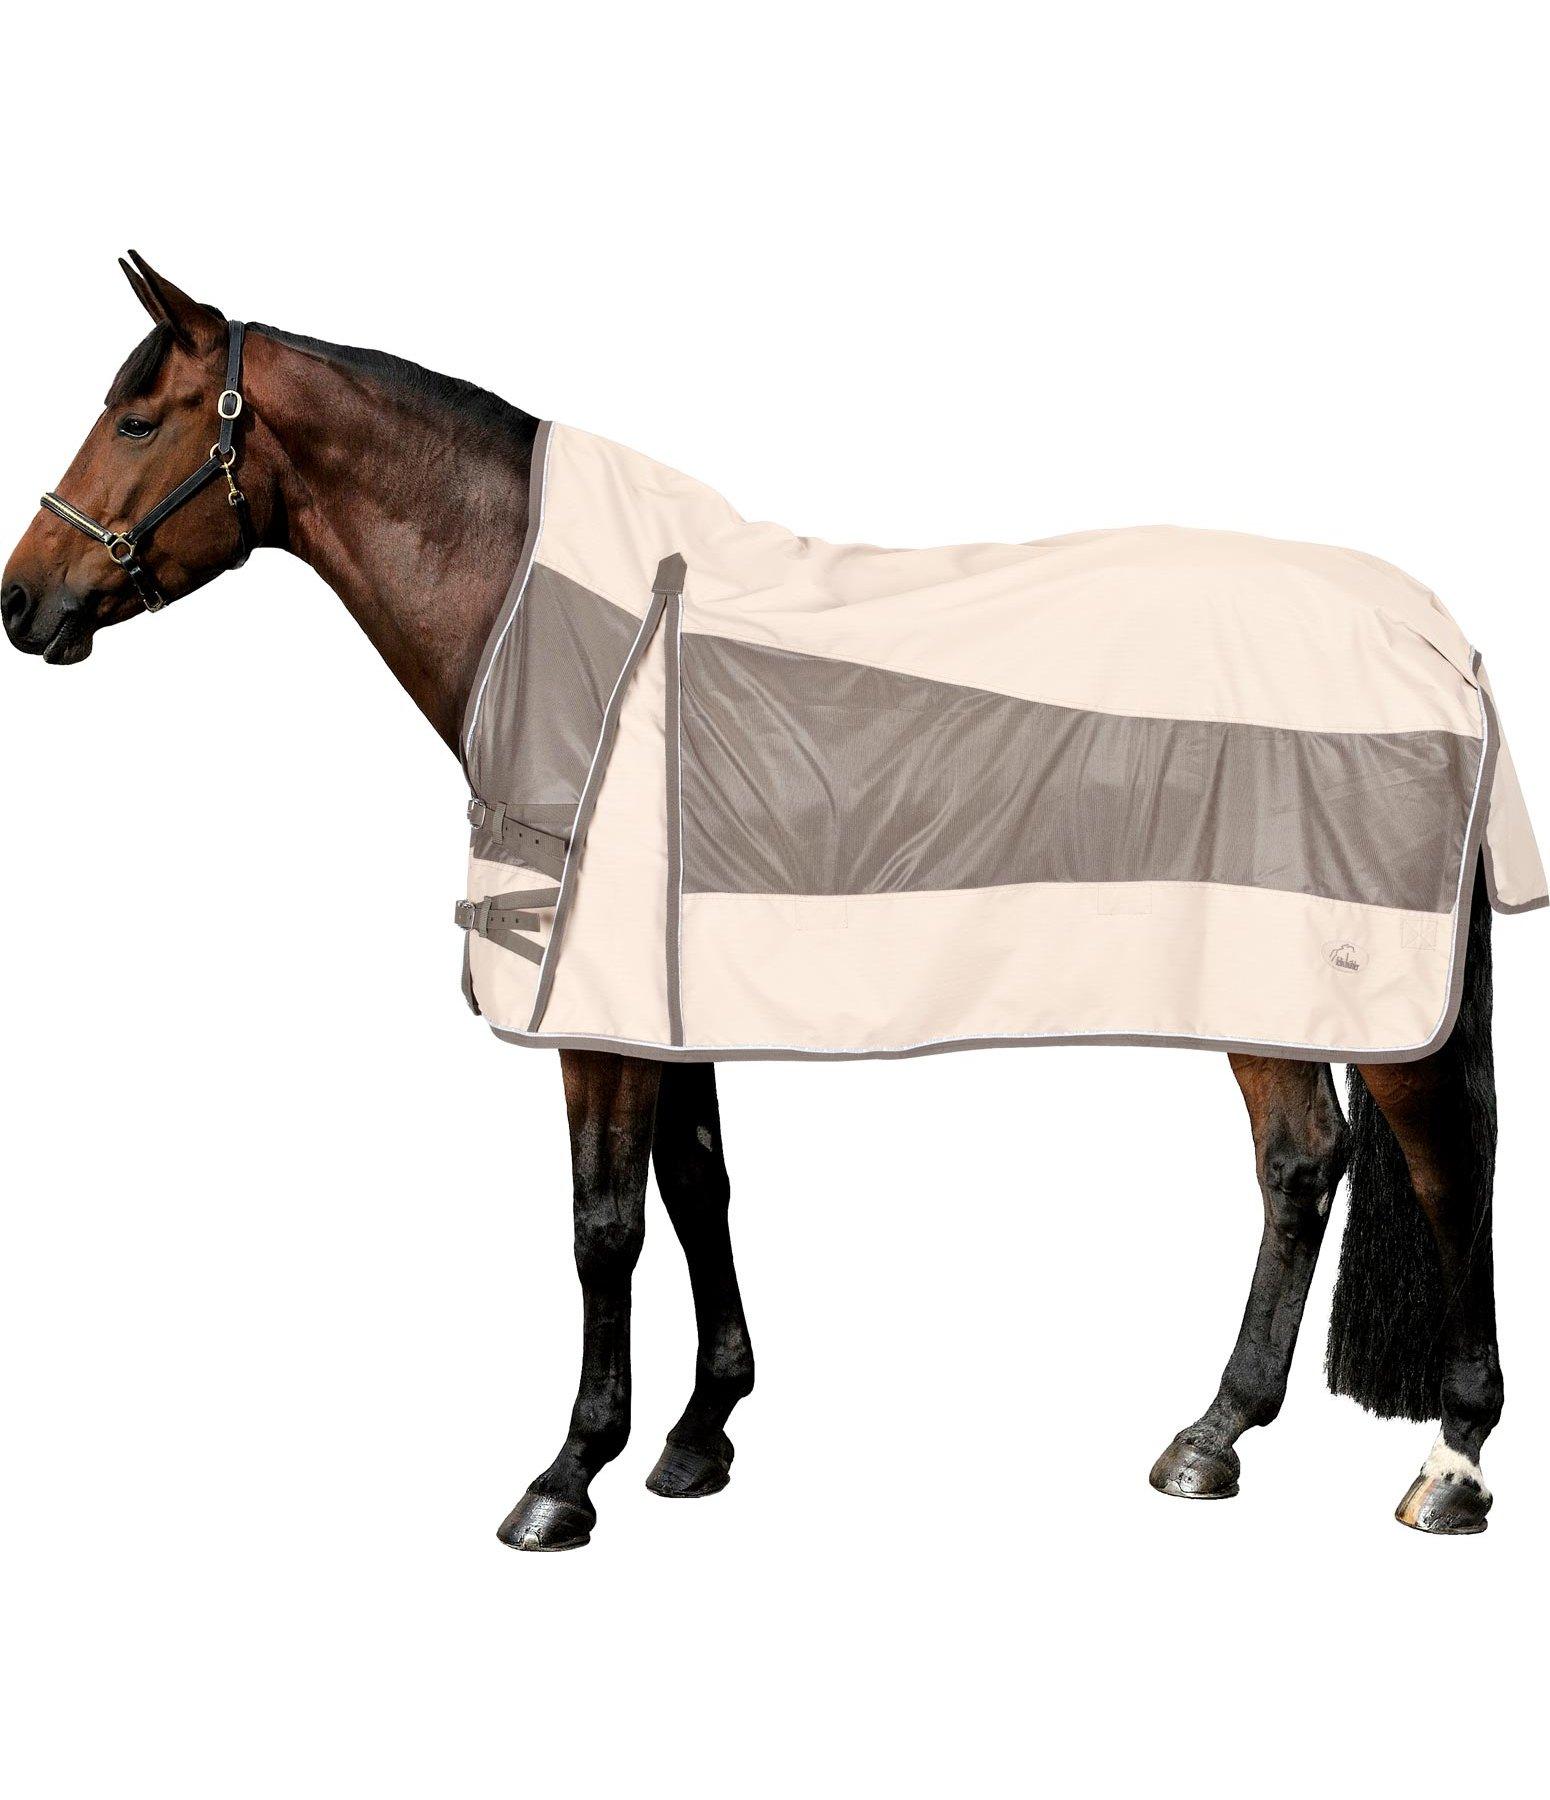 chemise d'extérieur anti-mouches highneck rainfly - anti-mouches